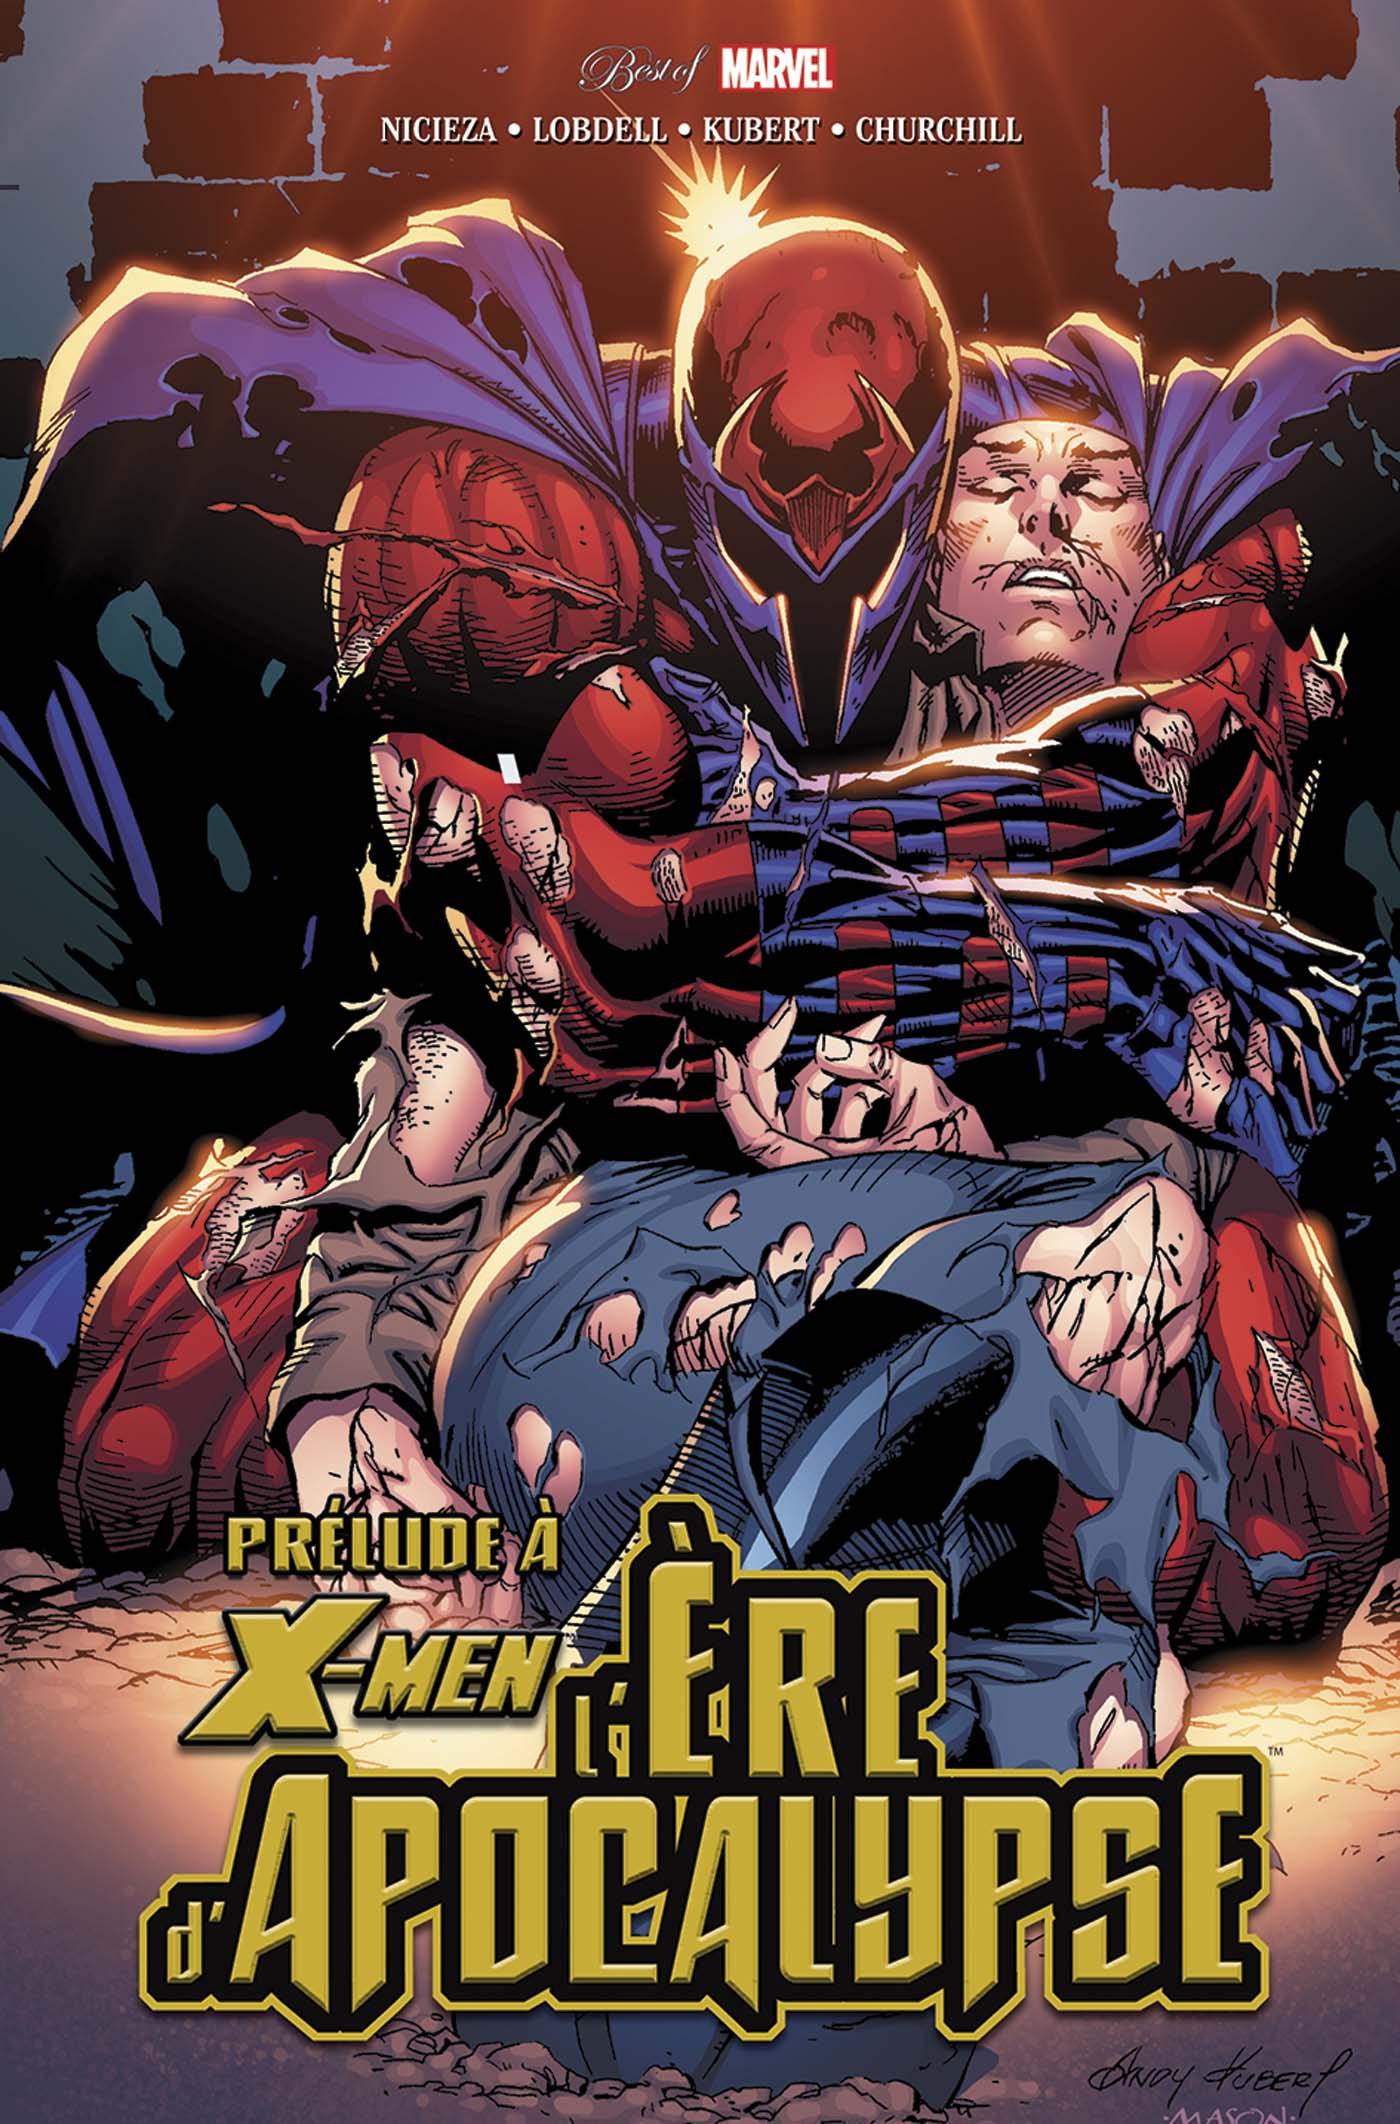 X-Men - L'Ere d'Apocalypse - Prélude 1 - Prélude à X-Men : l'ère d'Apocalypse